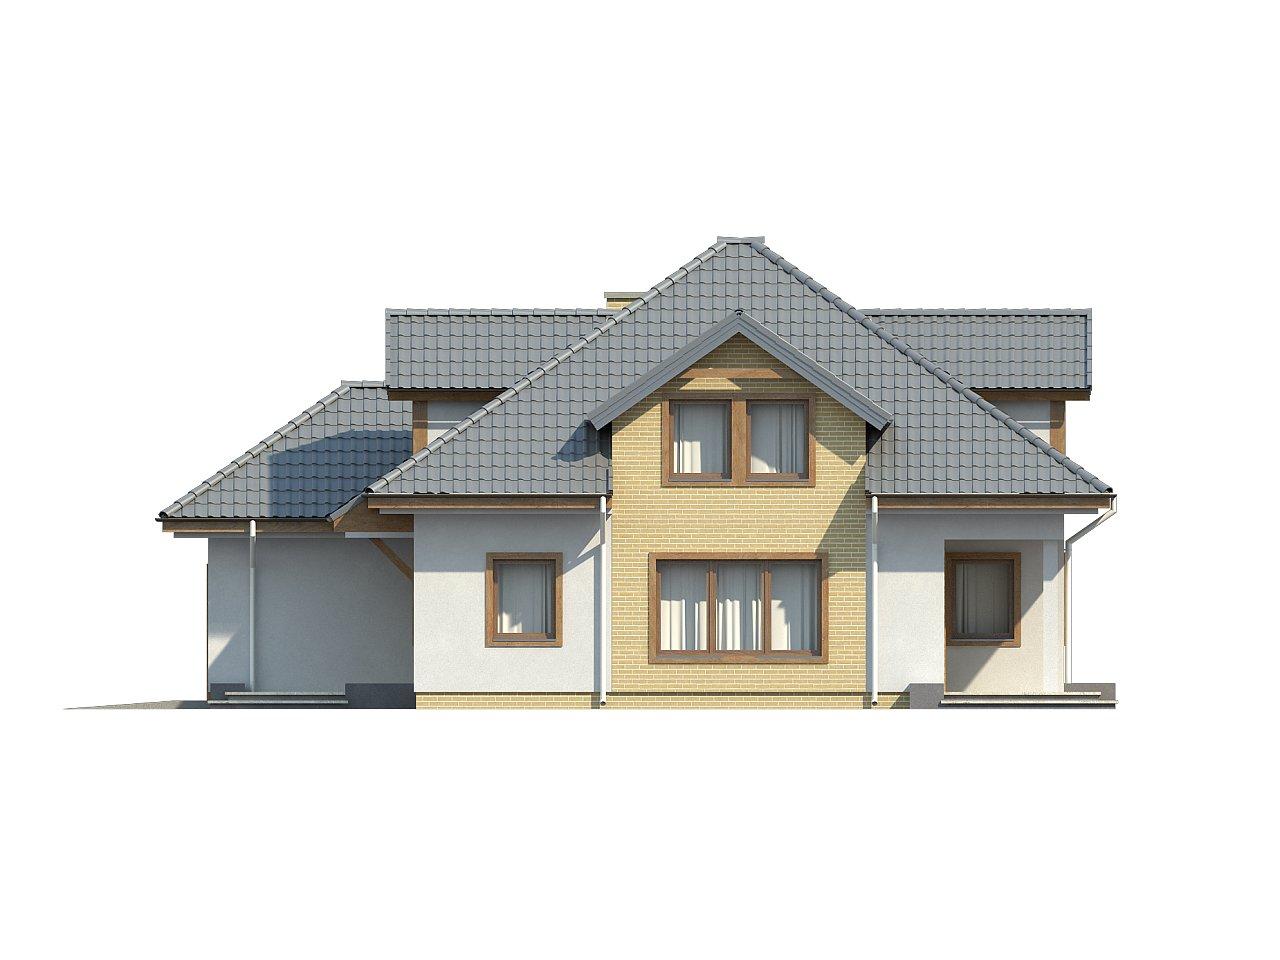 Проект дома с мансардой, с большим техническим помещением и дополнительной спальней на первом этаже. - фото 6